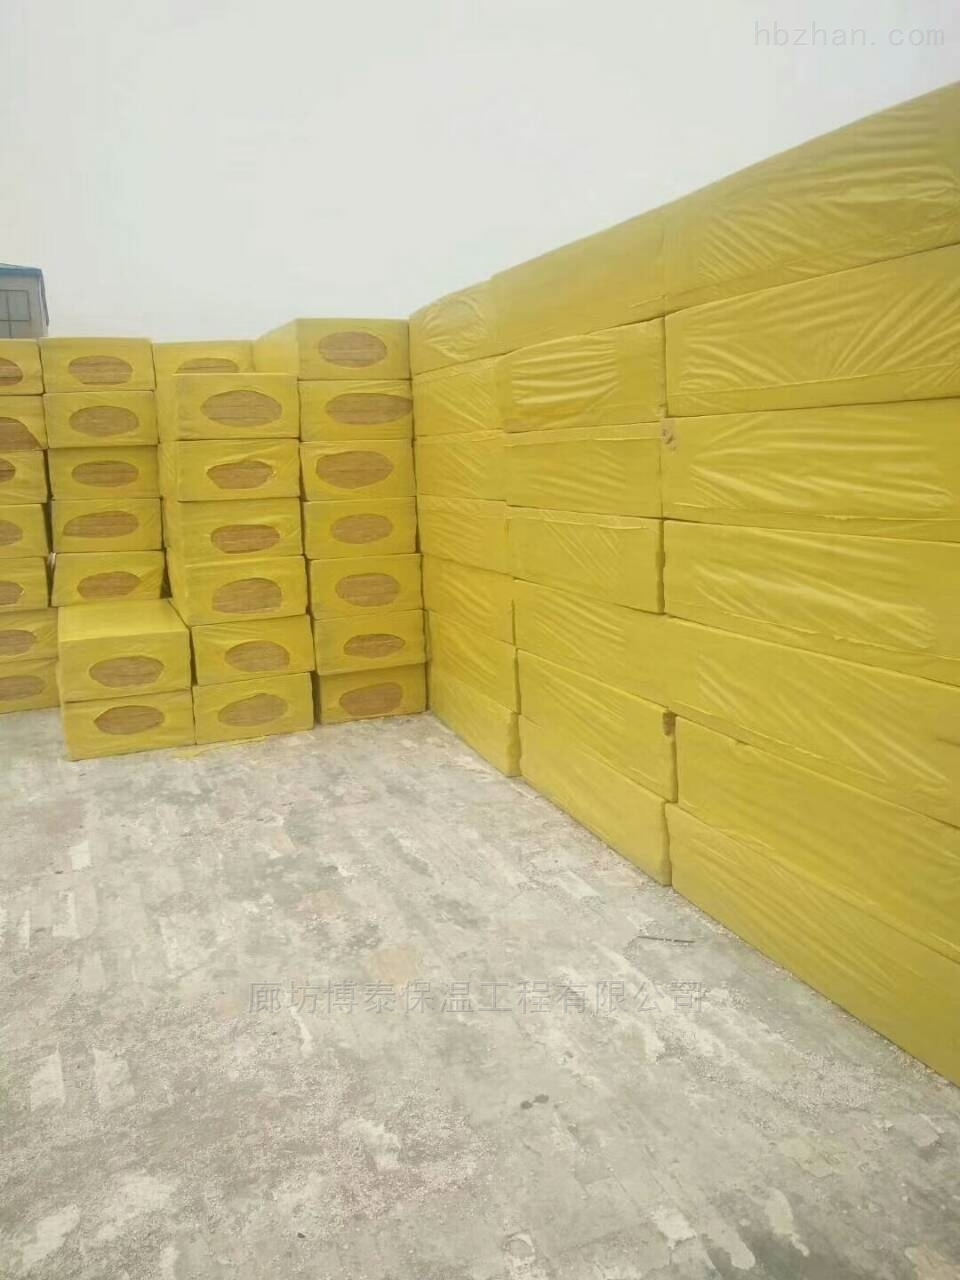 博泰外墙竖丝岩棉板生产厂家